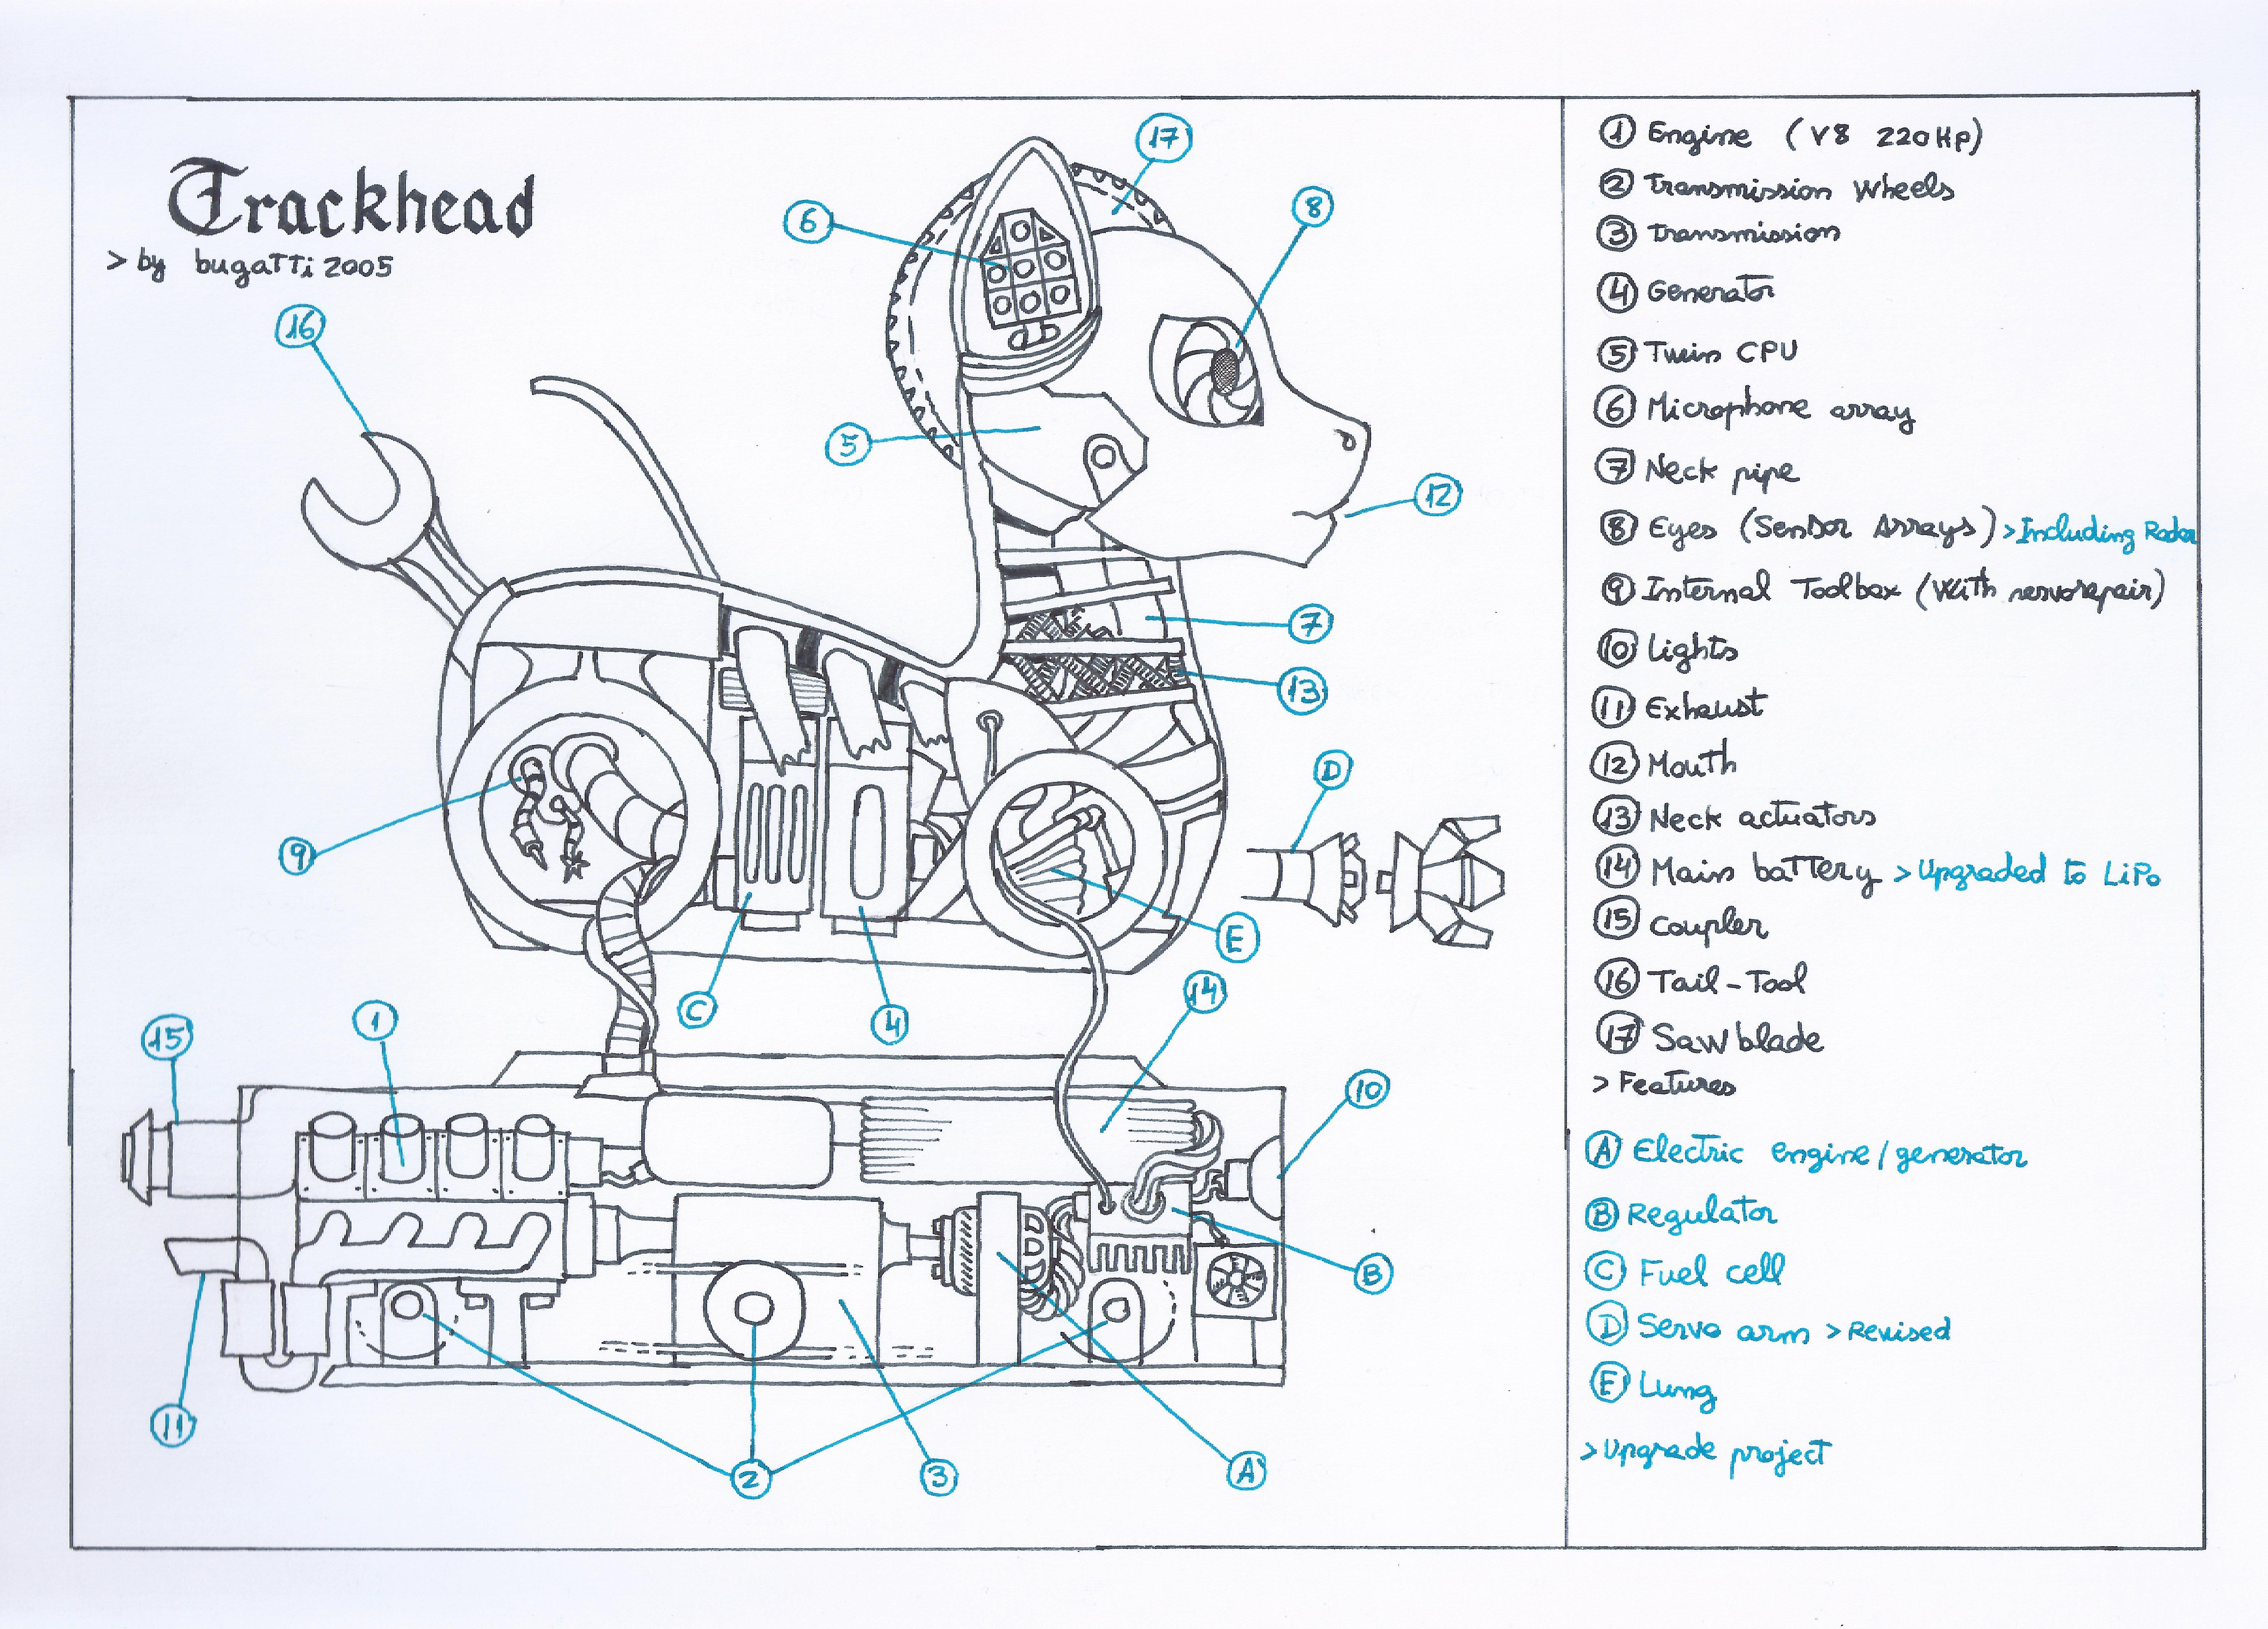 Trackhead by bugatti2005 by Auto-Pencil